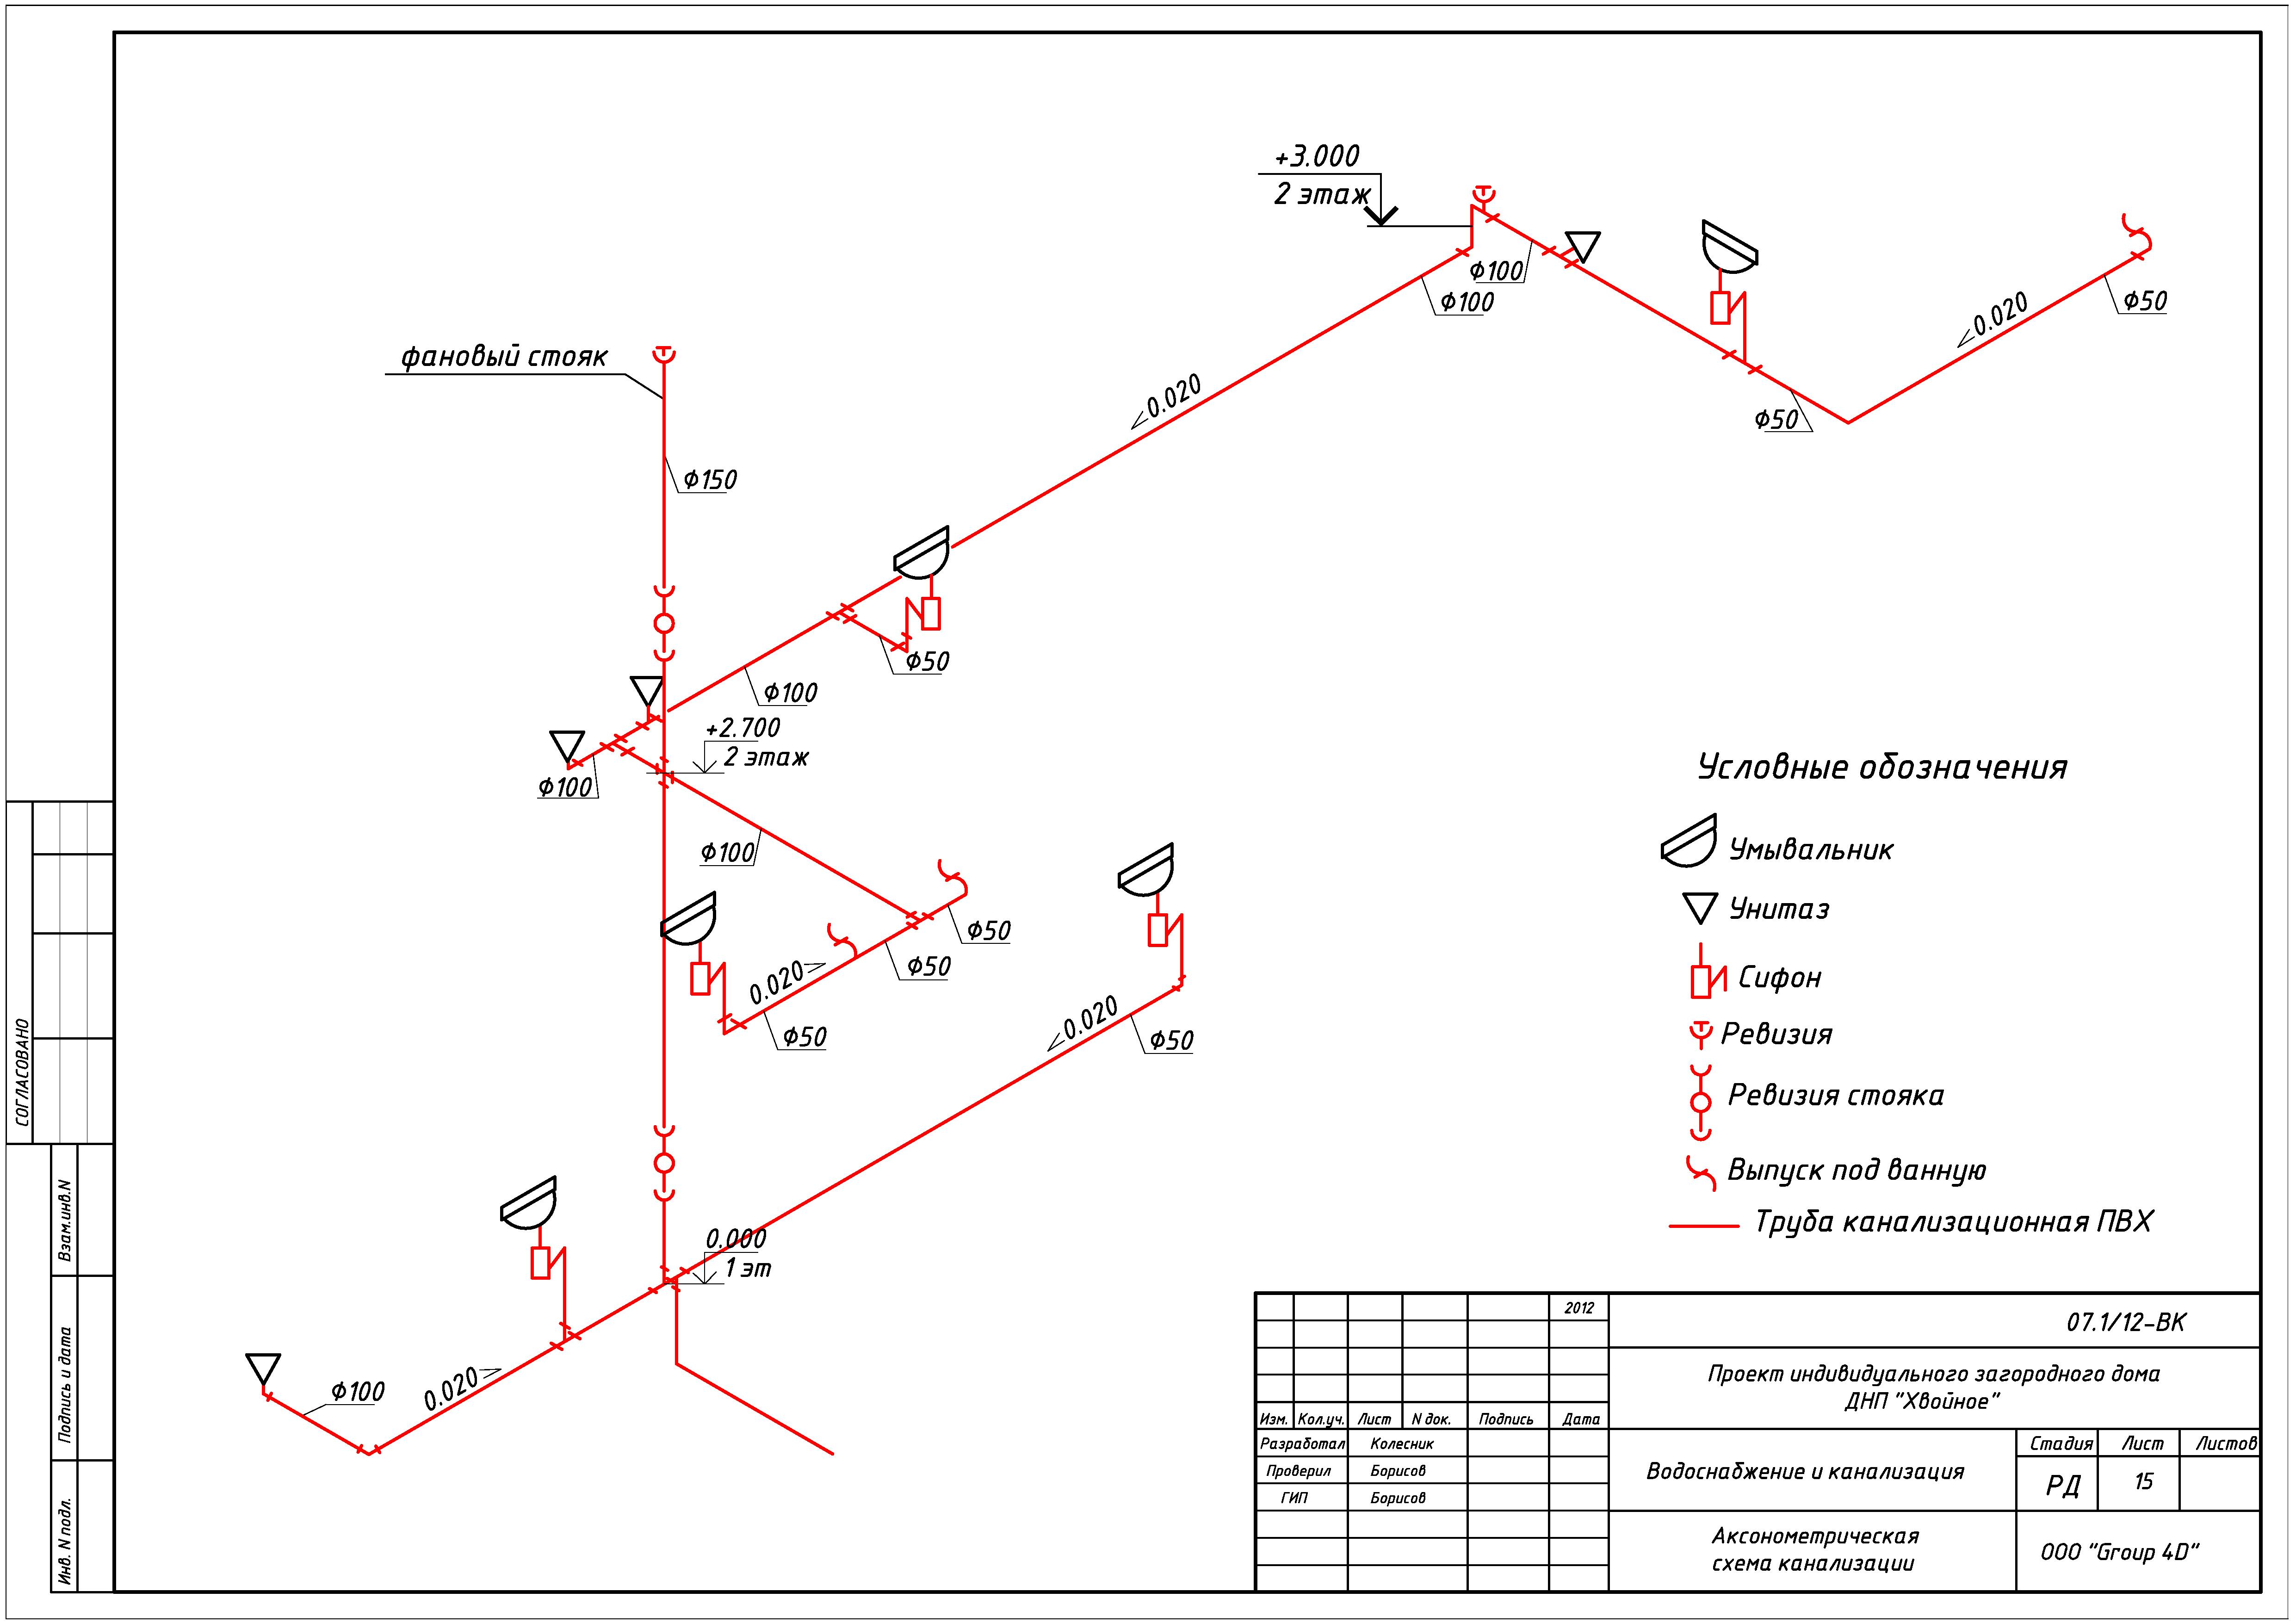 Условные обозначения трубопроводной арматуры на схеме